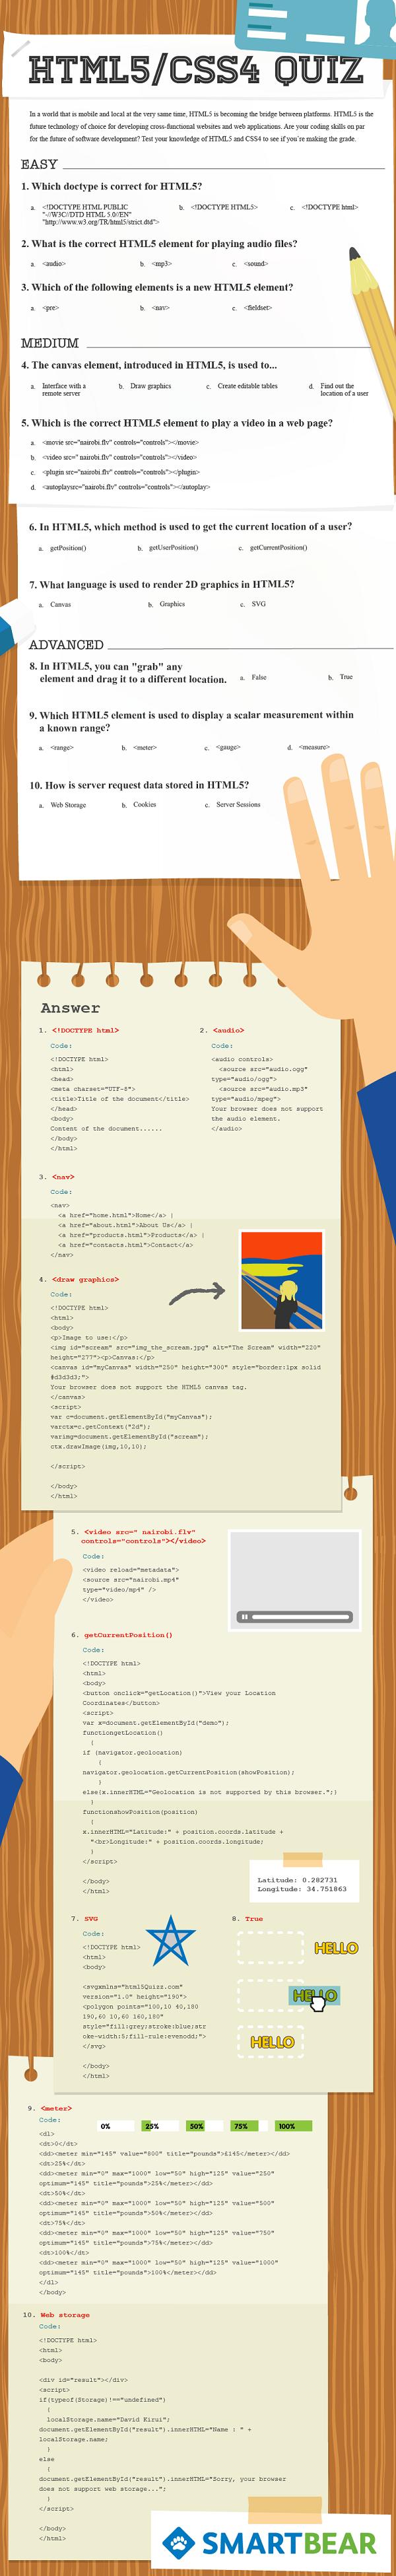 HTML5-CSS4-Quiz-infographic1